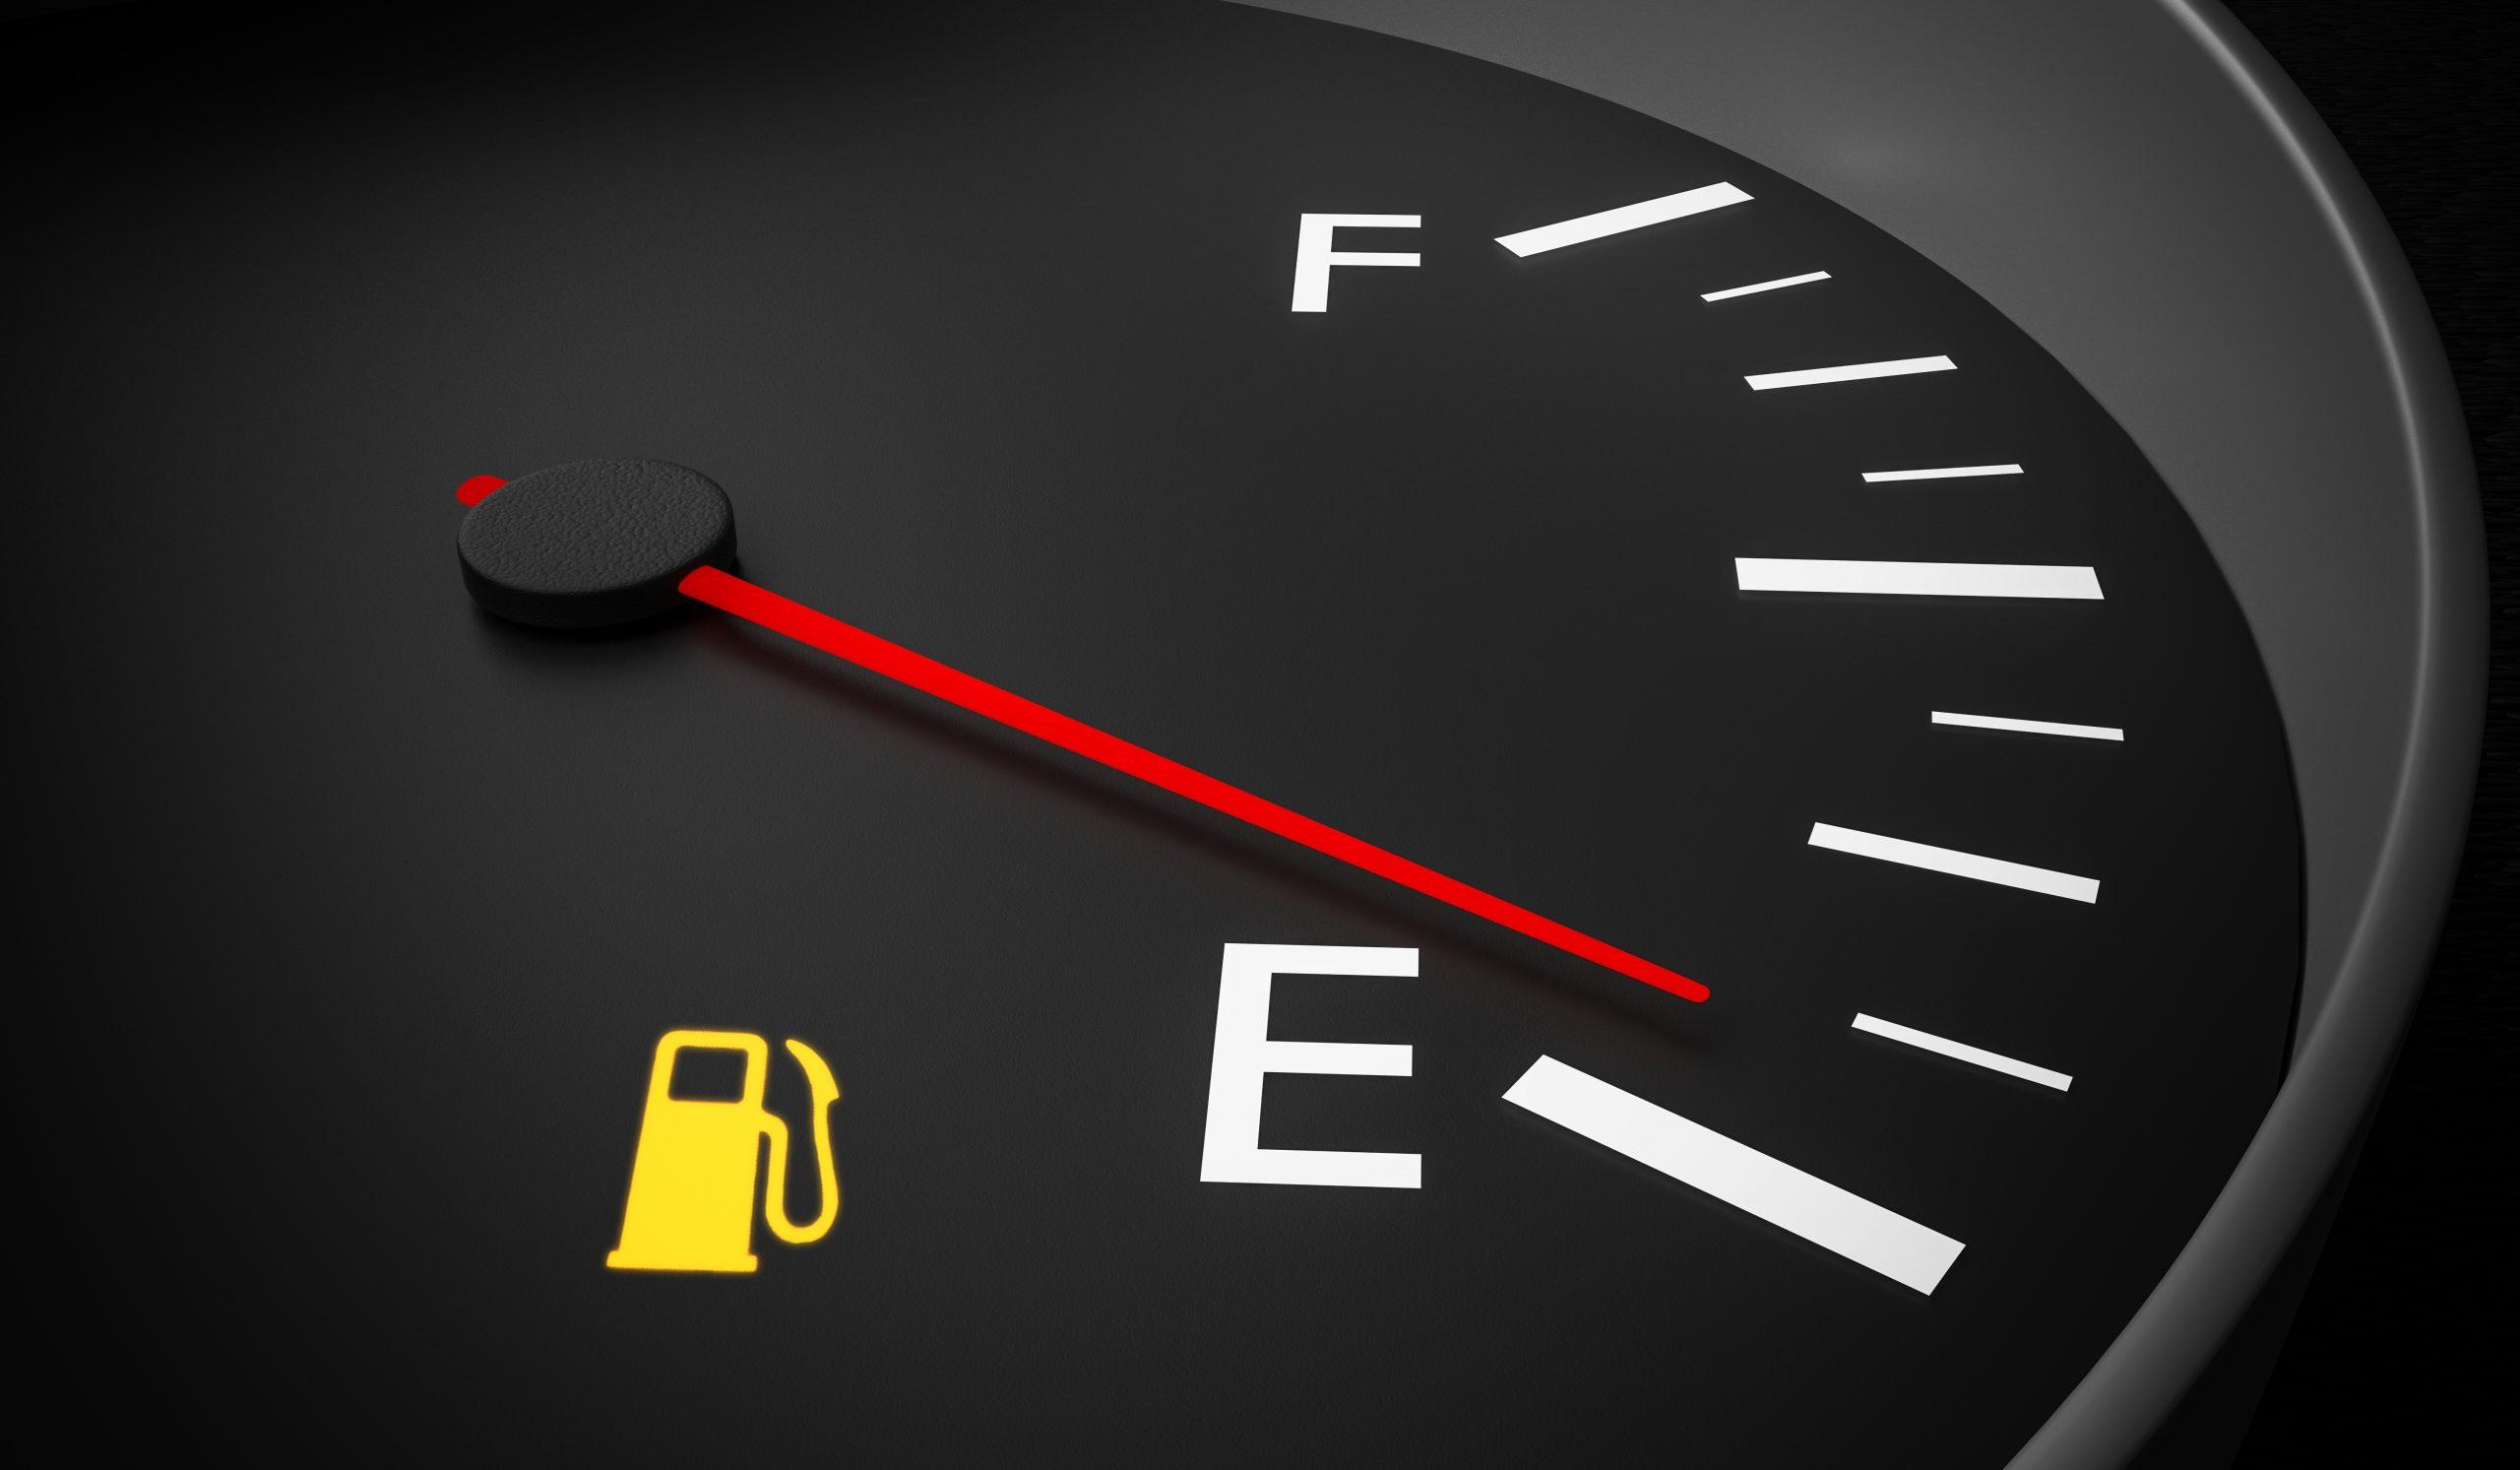 Fuel Gauge 4